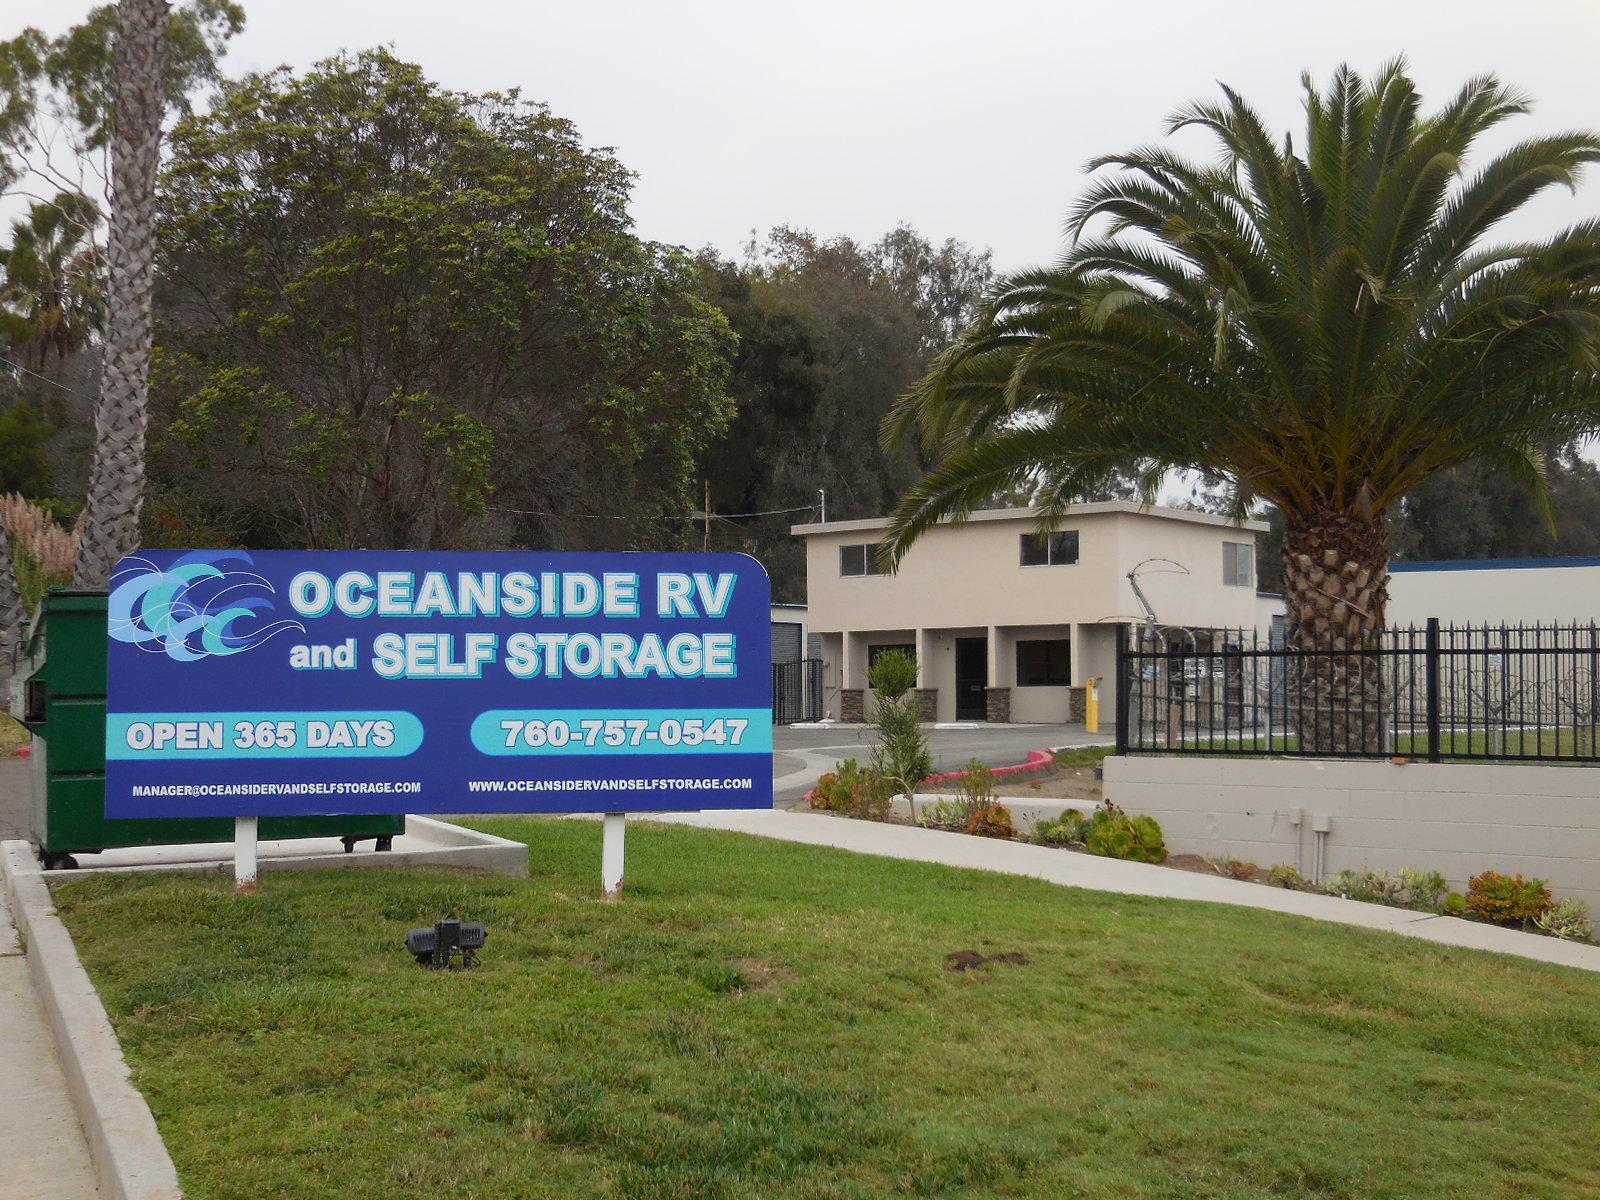 Self-Storage in Oceanside, CA 92054